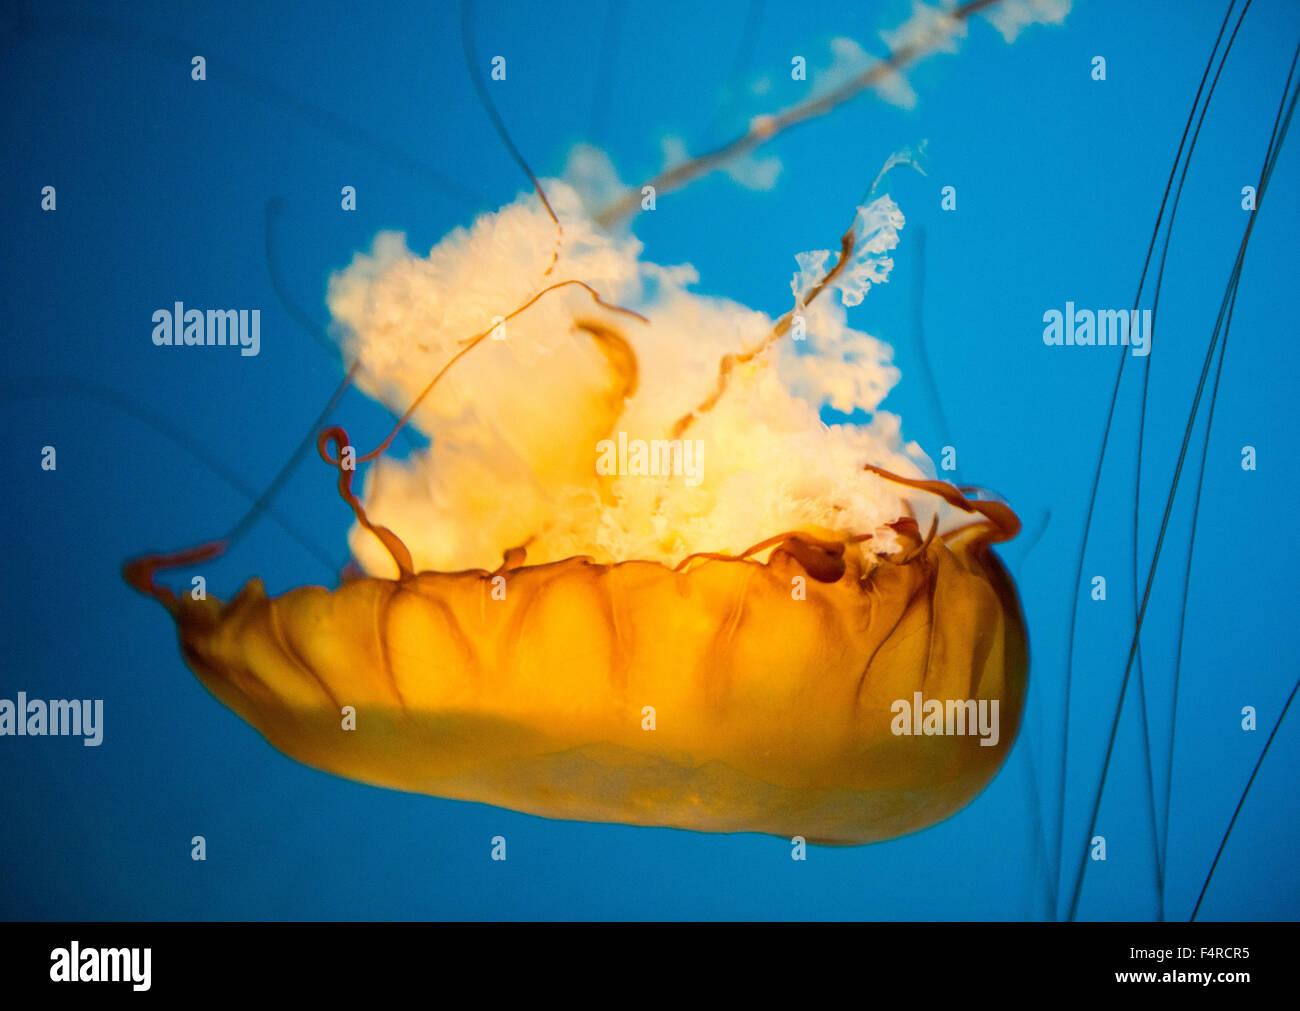 Mare meduse di ortica sul display in un serbatoio presso il National Aquarium di Baltimora, Maryland, Stati Uniti Immagini Stock